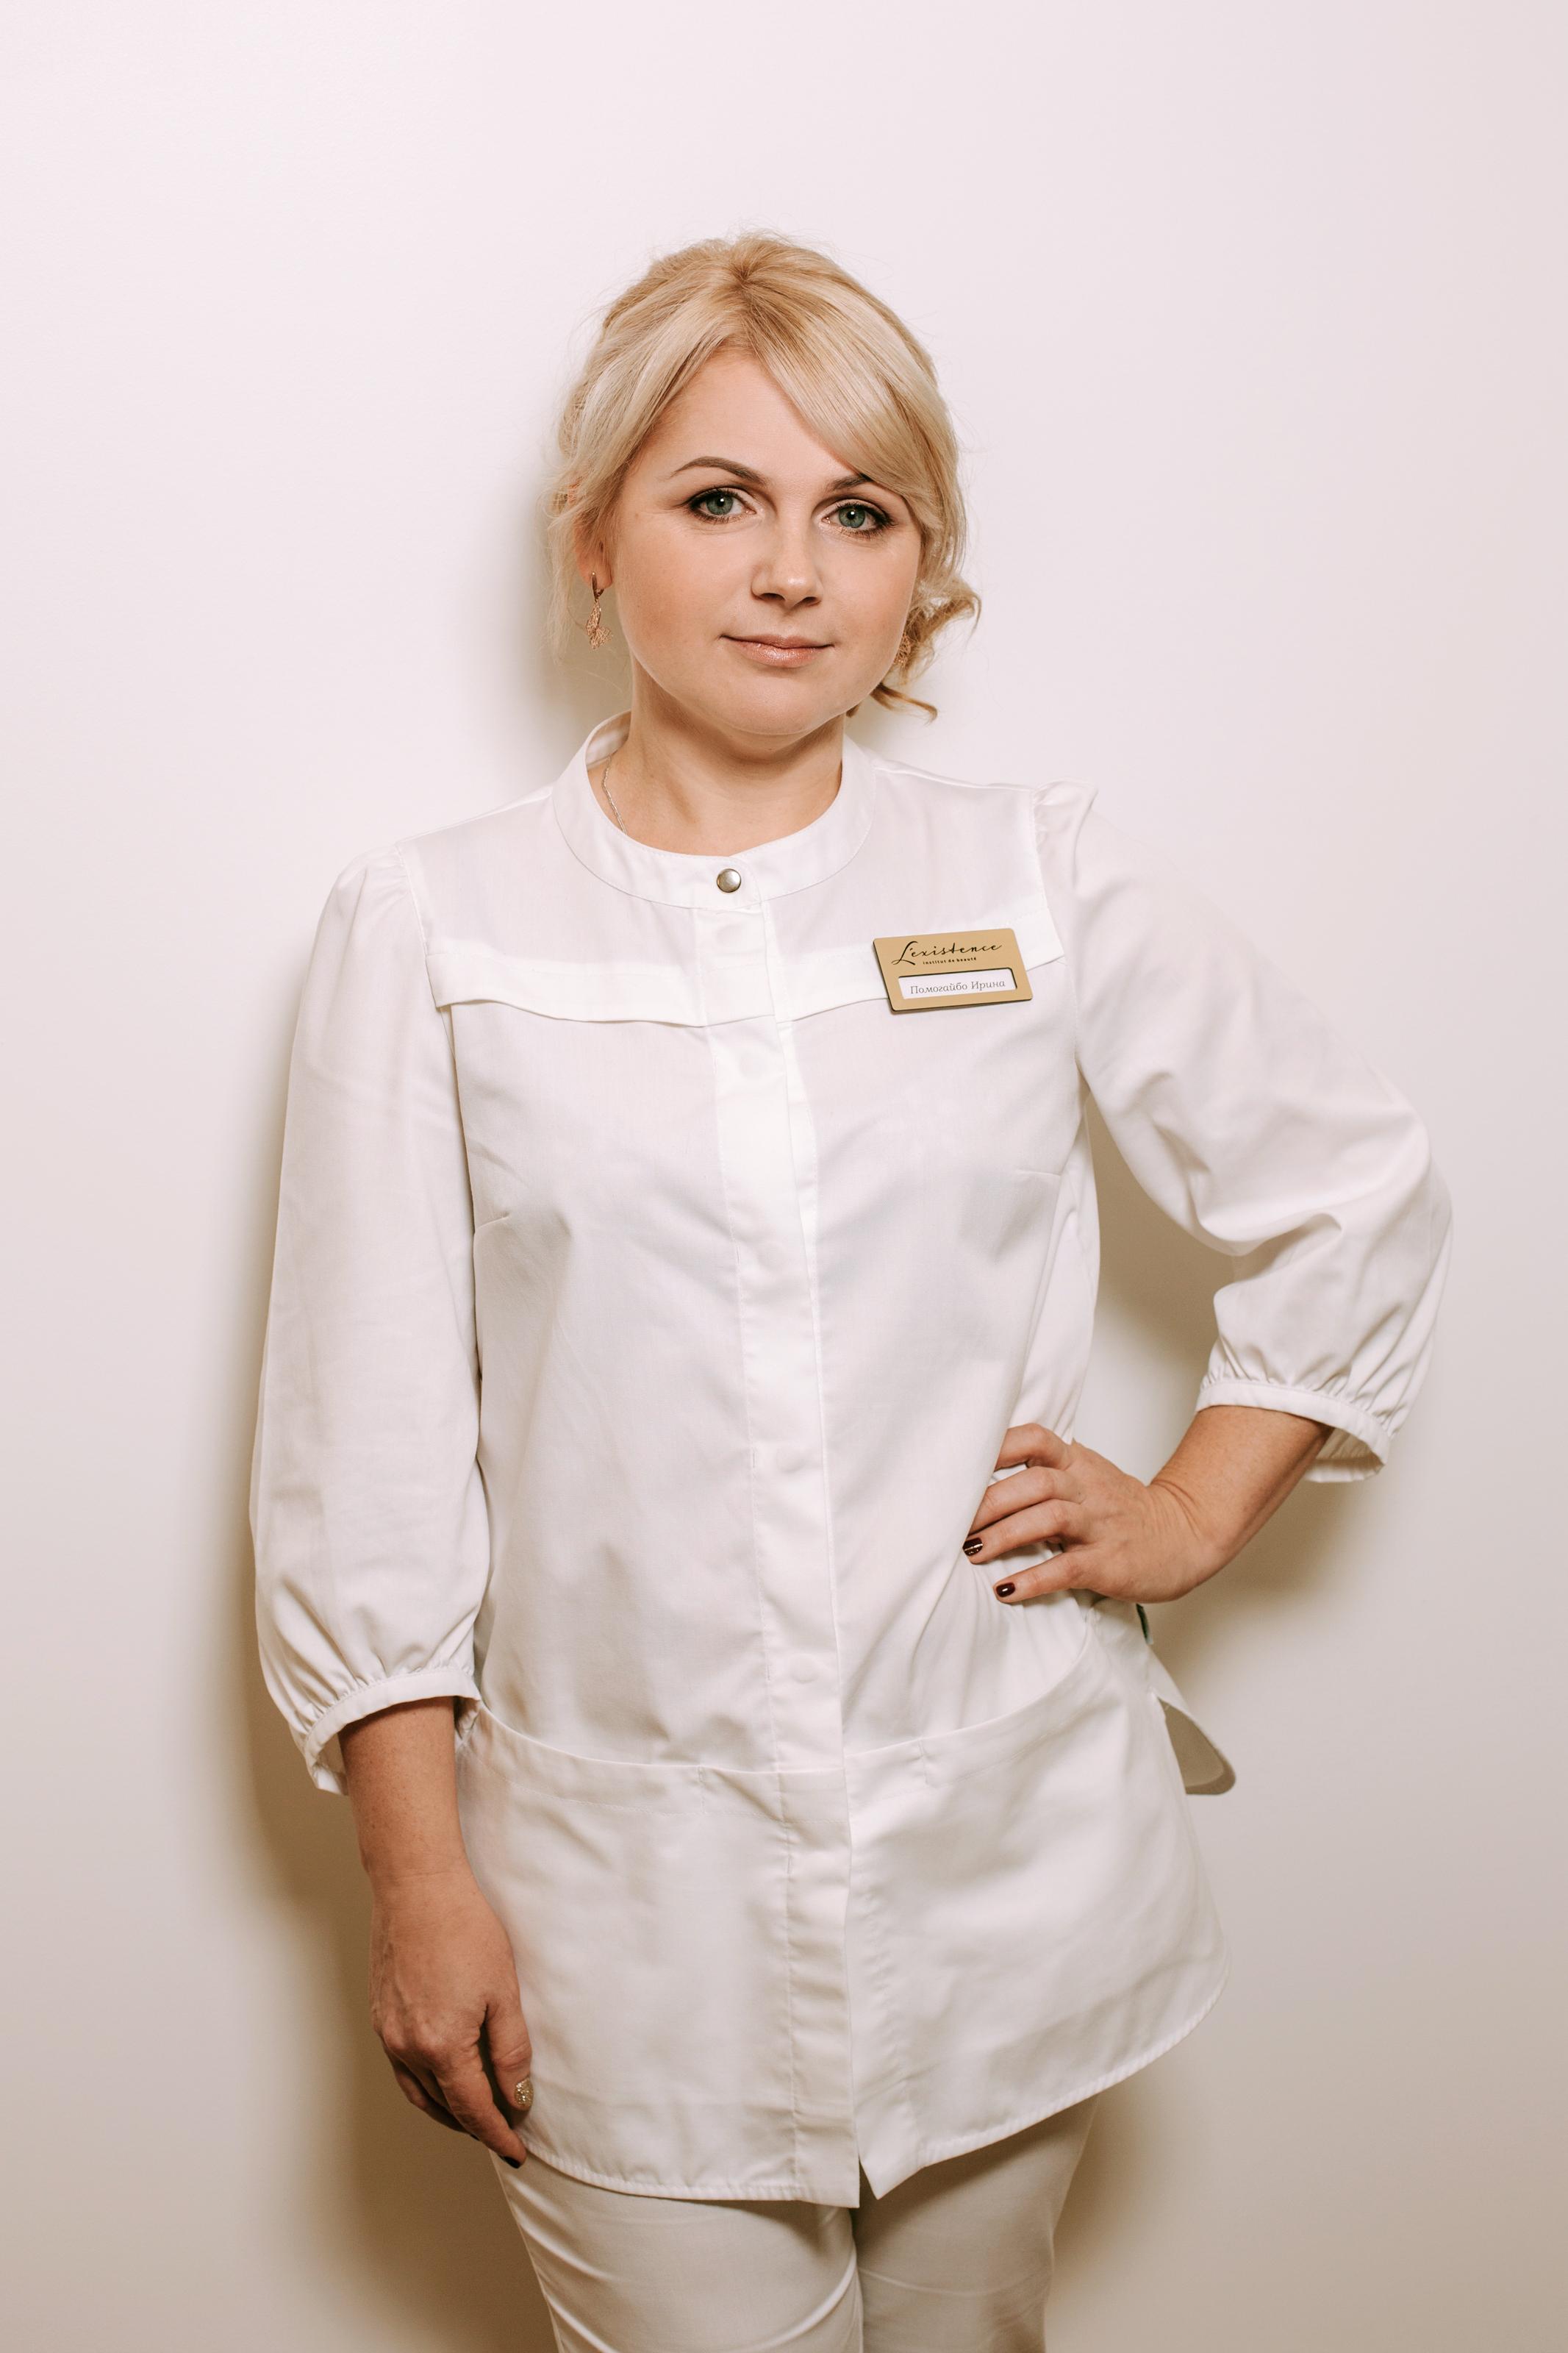 Ирина Помогайбо , мастер маникюра и педикюра